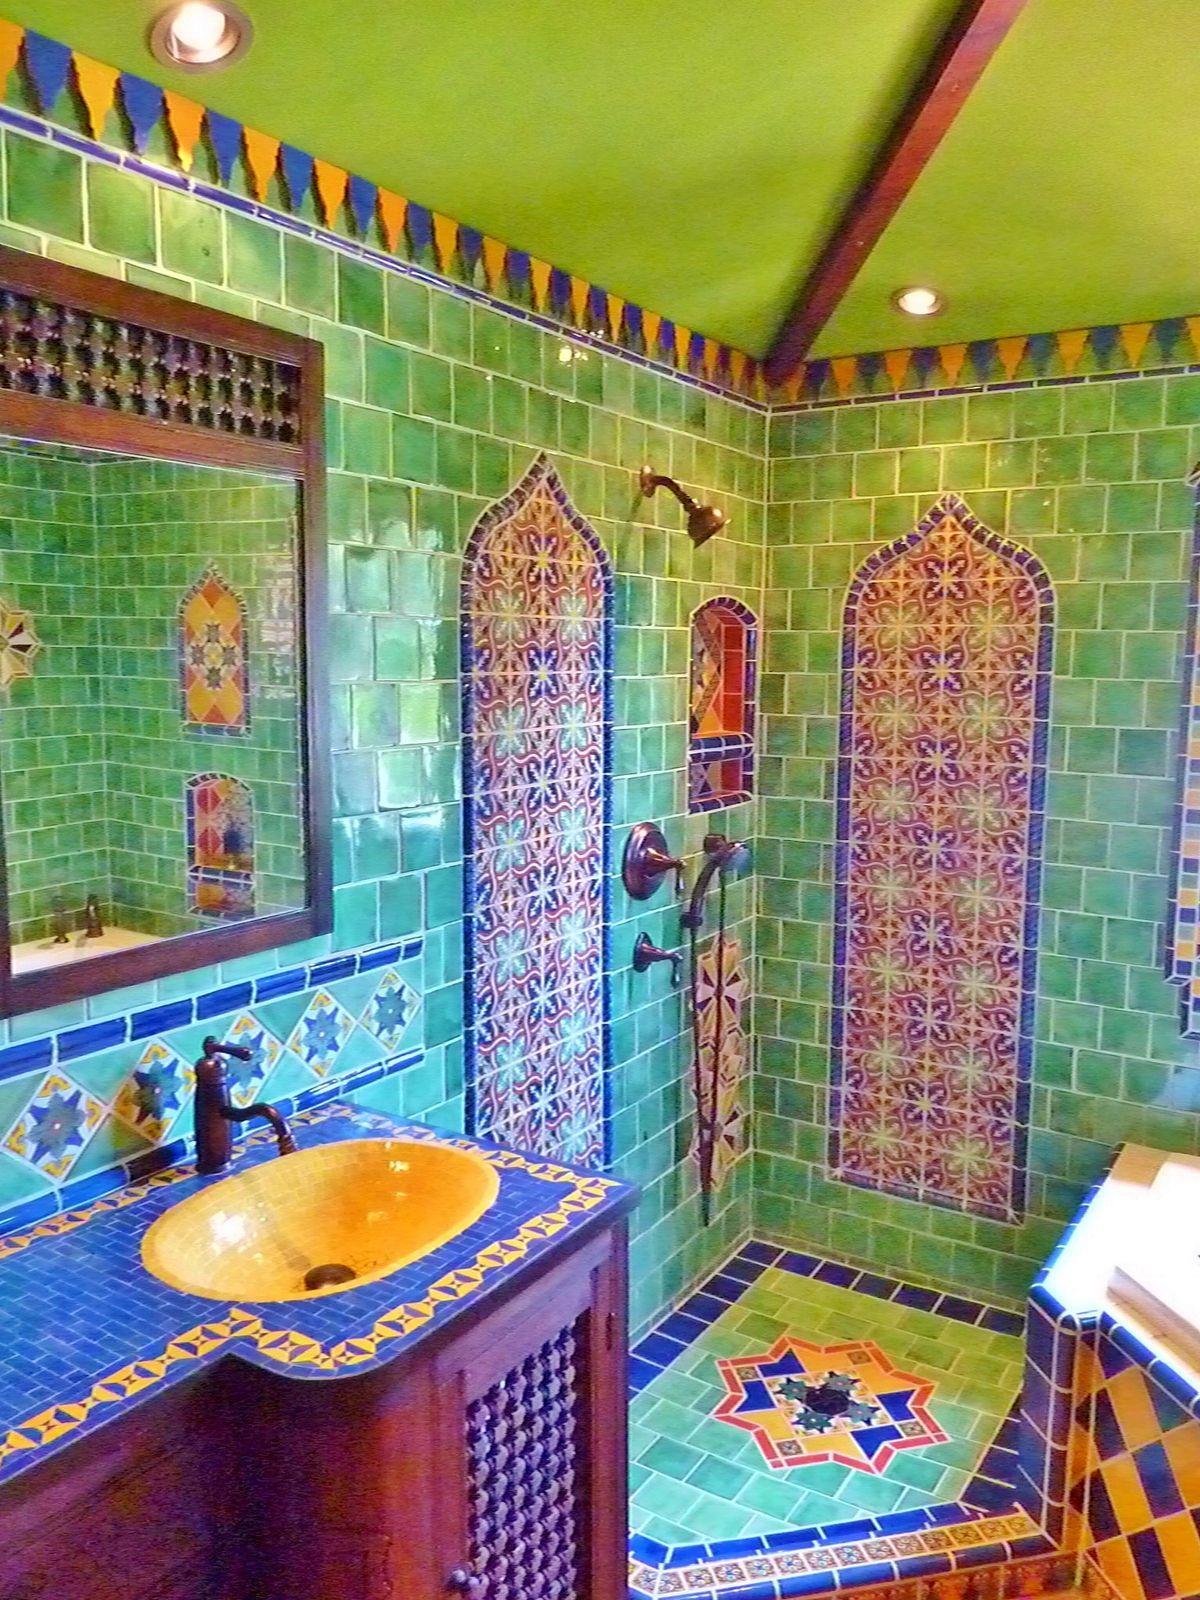 gr nes badezimmer ist nat rlich auch toll wohnen pinterest badezimmer gr n und b der. Black Bedroom Furniture Sets. Home Design Ideas